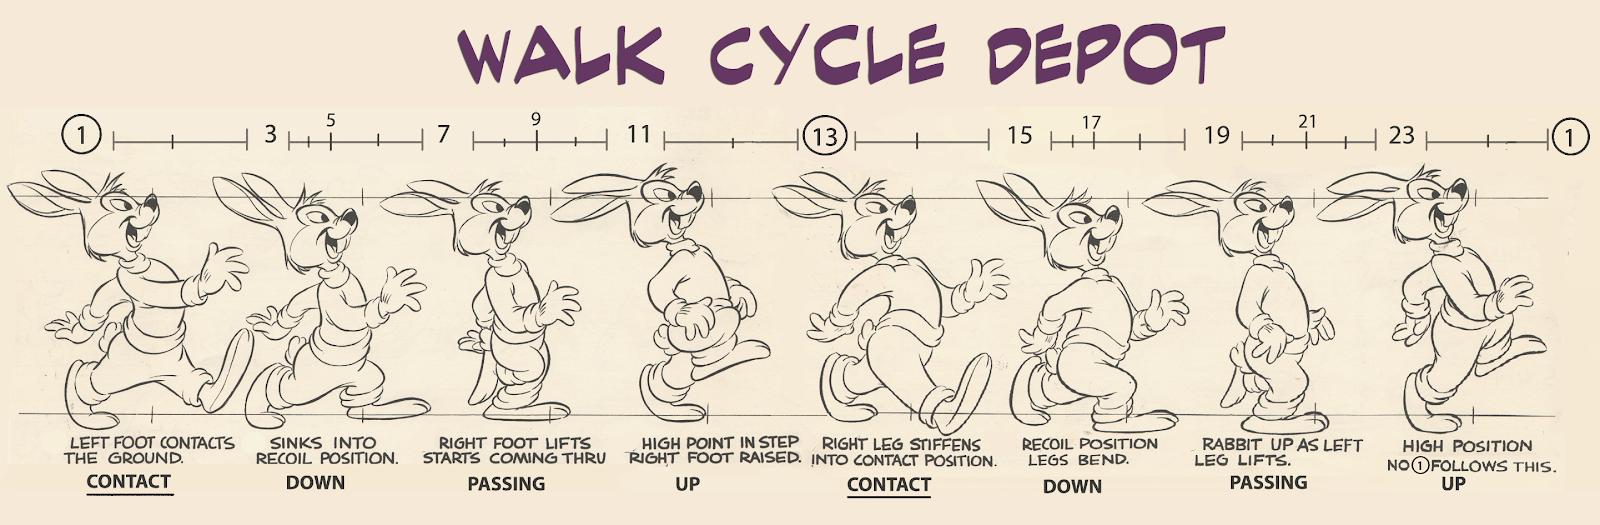 Walk Cycle Depot